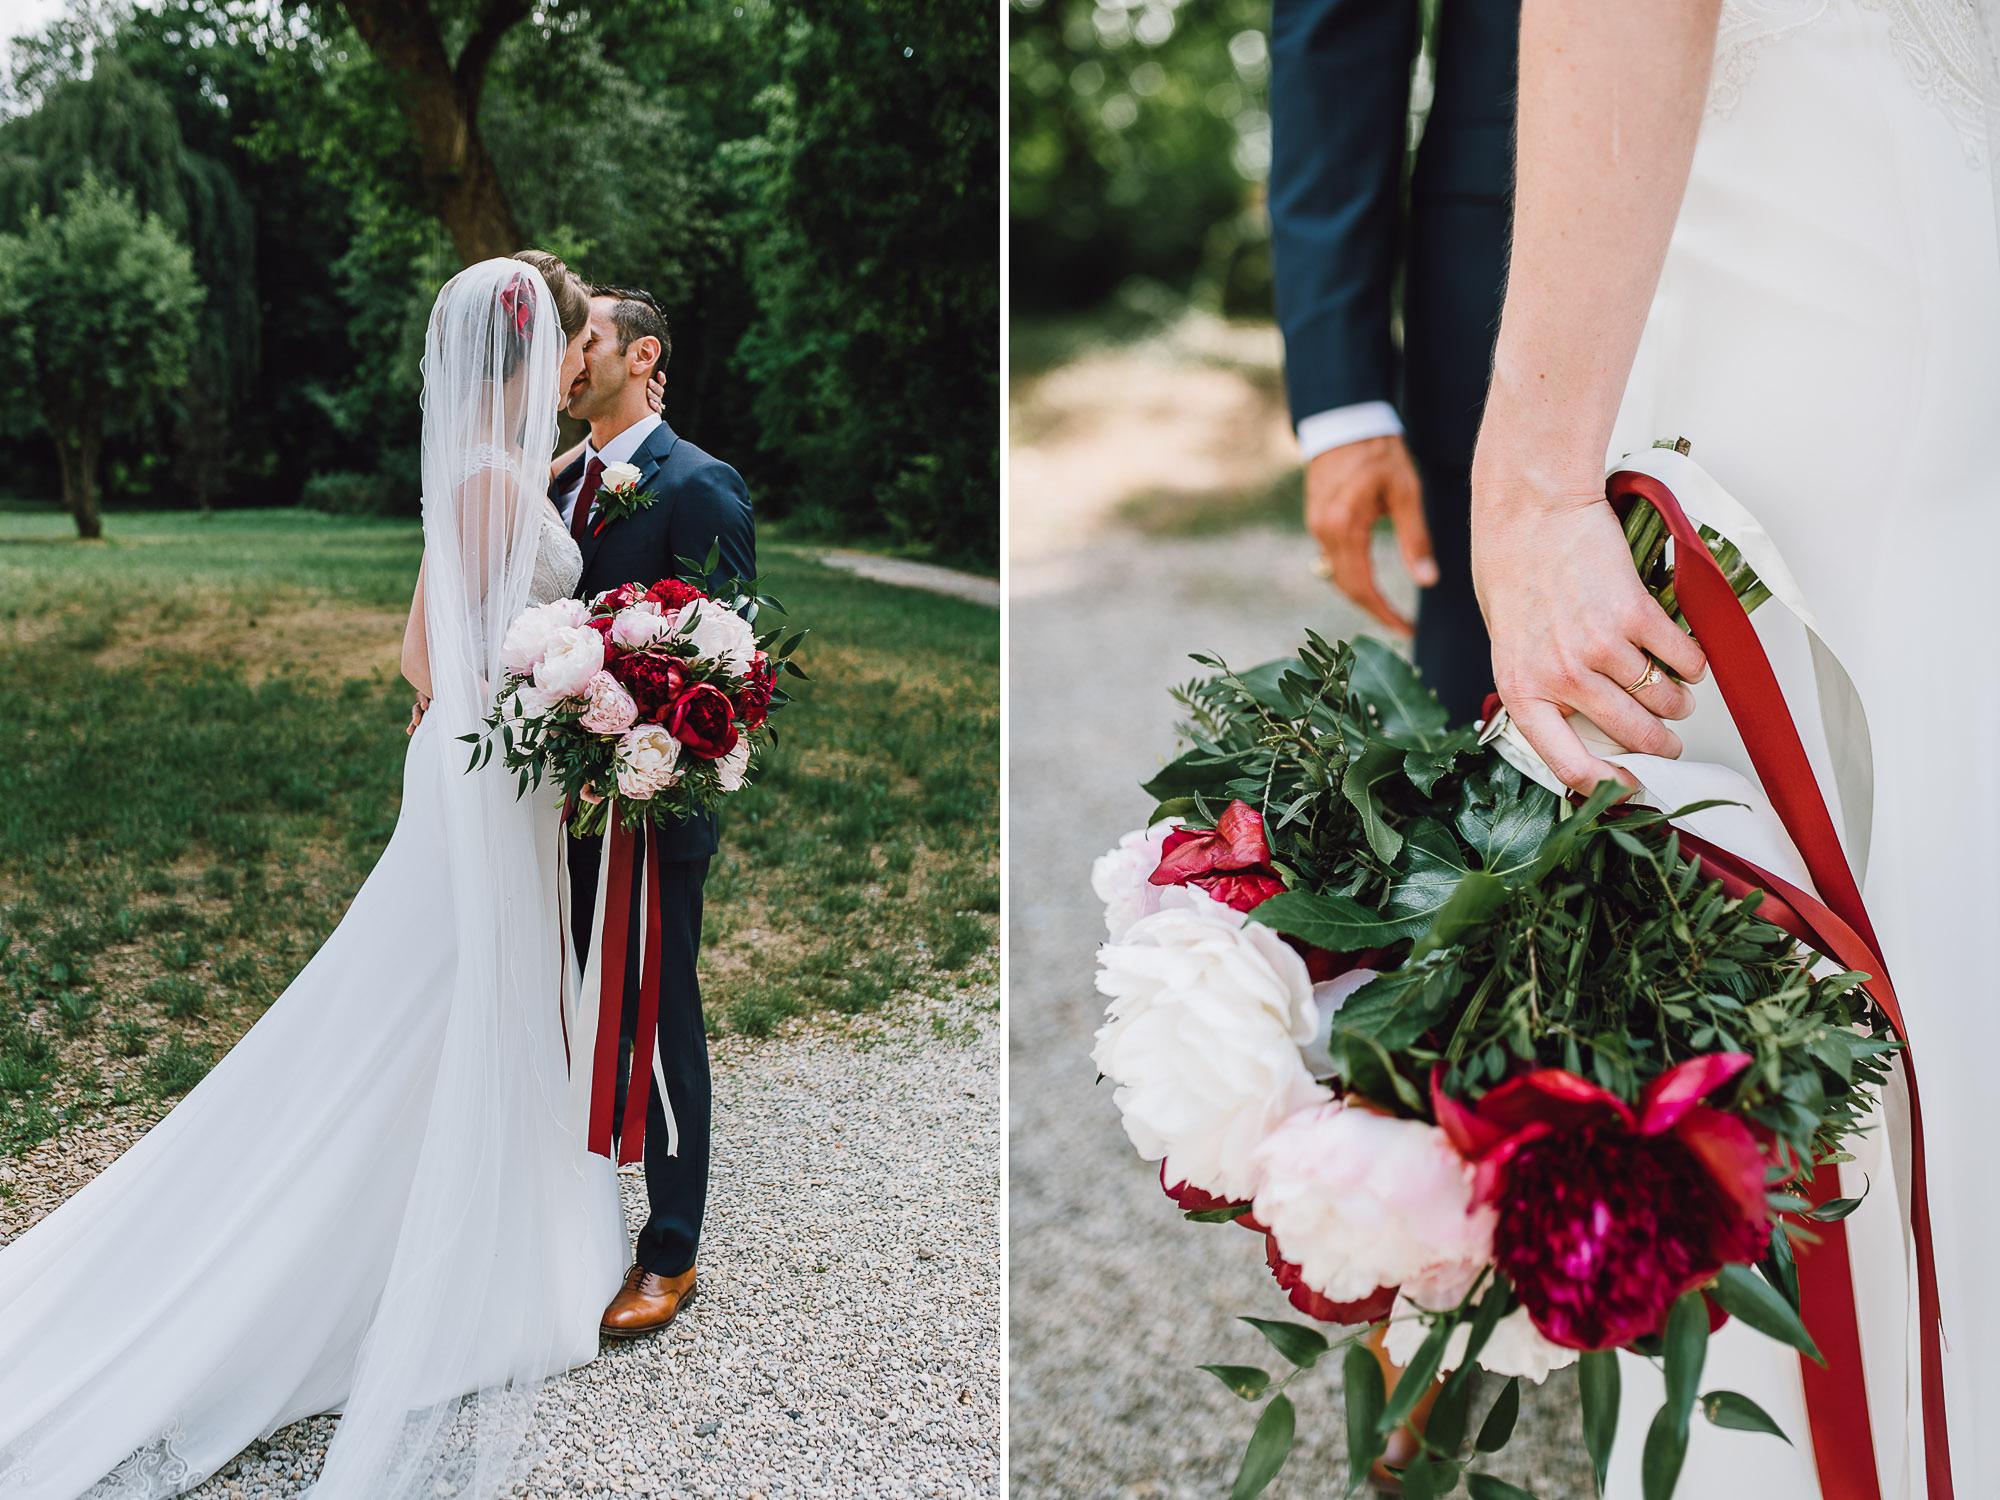 rustic-elegant-wedding-schloss-hochzeit-eyrichshof-franken-bamberg-040